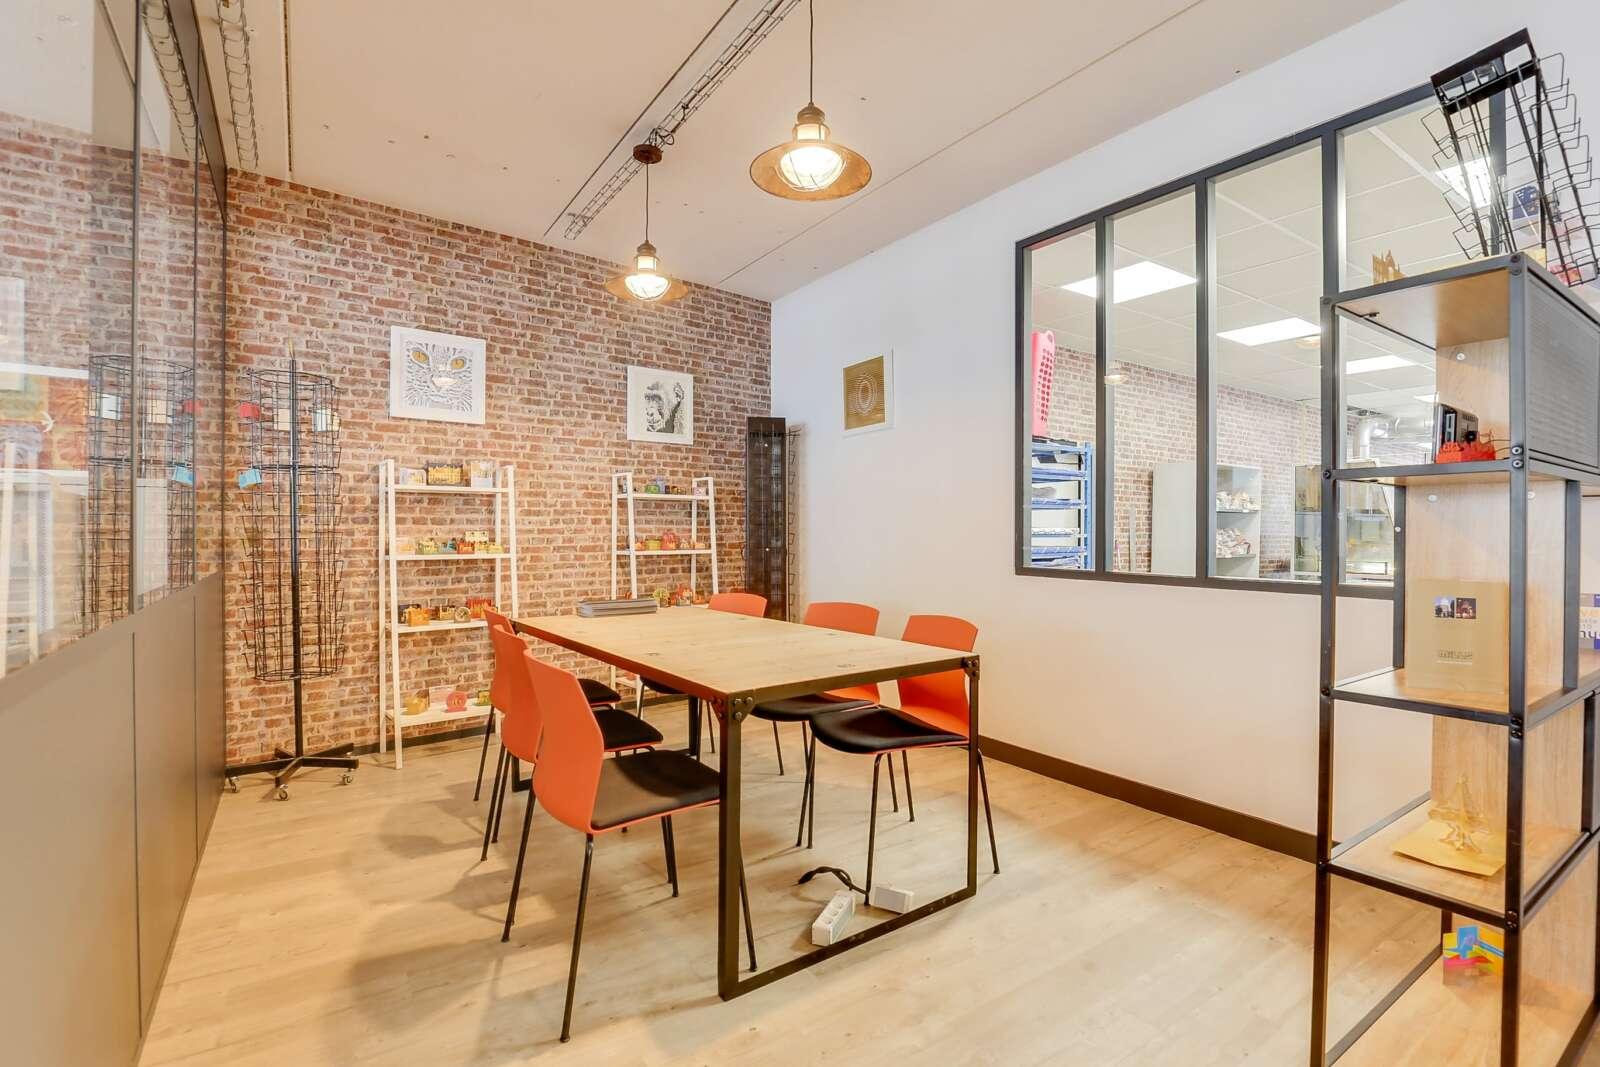 Cloison amovible bureau, cloison vitrée, cloison acoustique, etc.